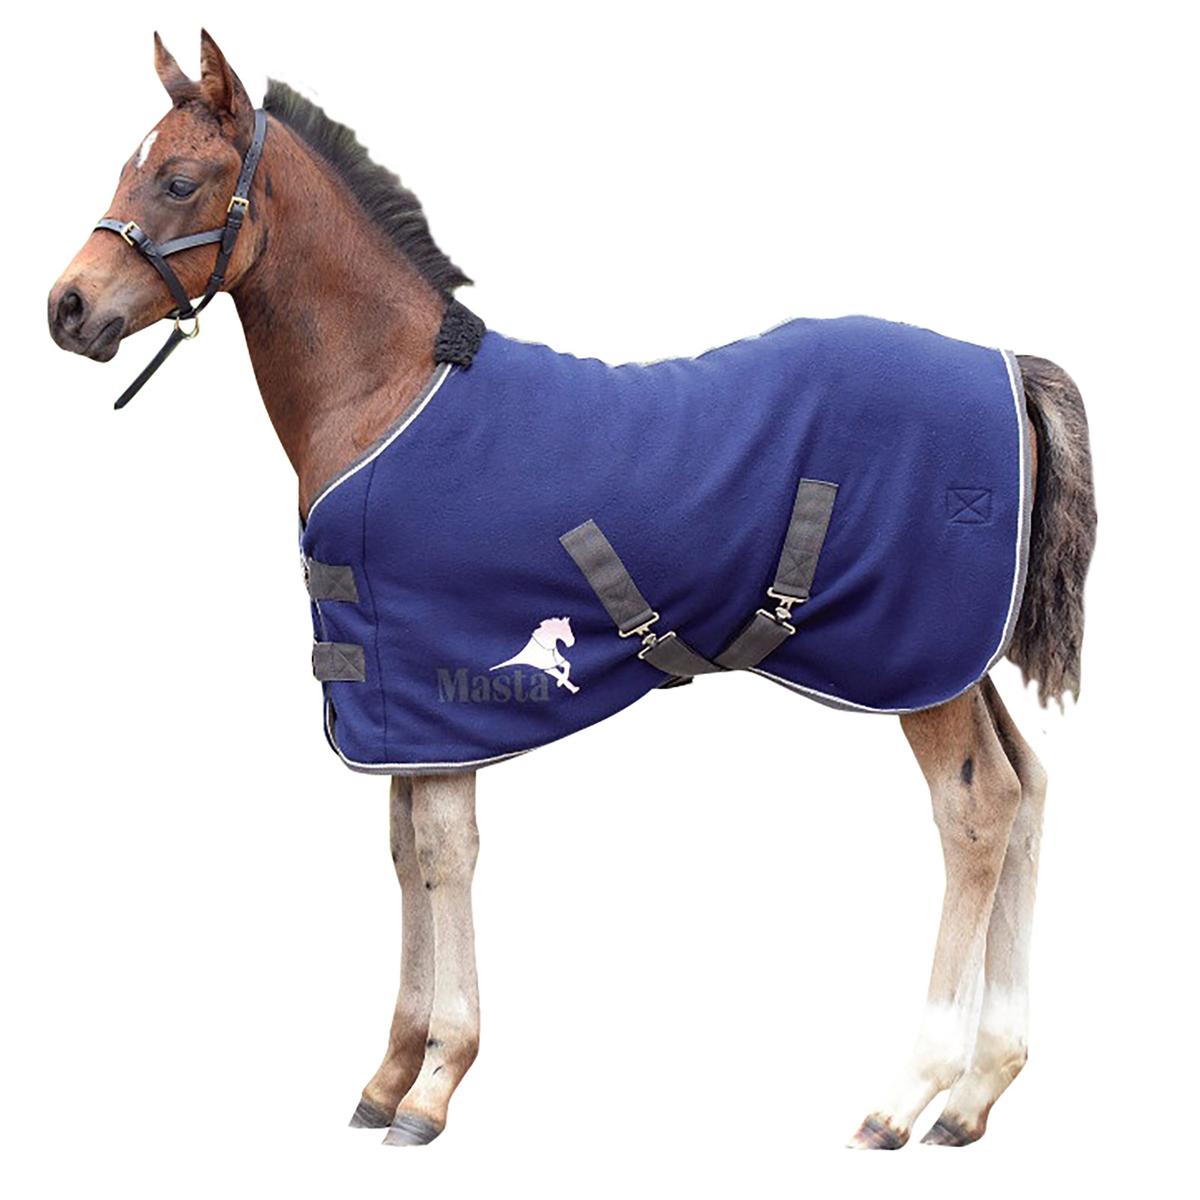 Masta Fleece Rug Avante Foal X 3